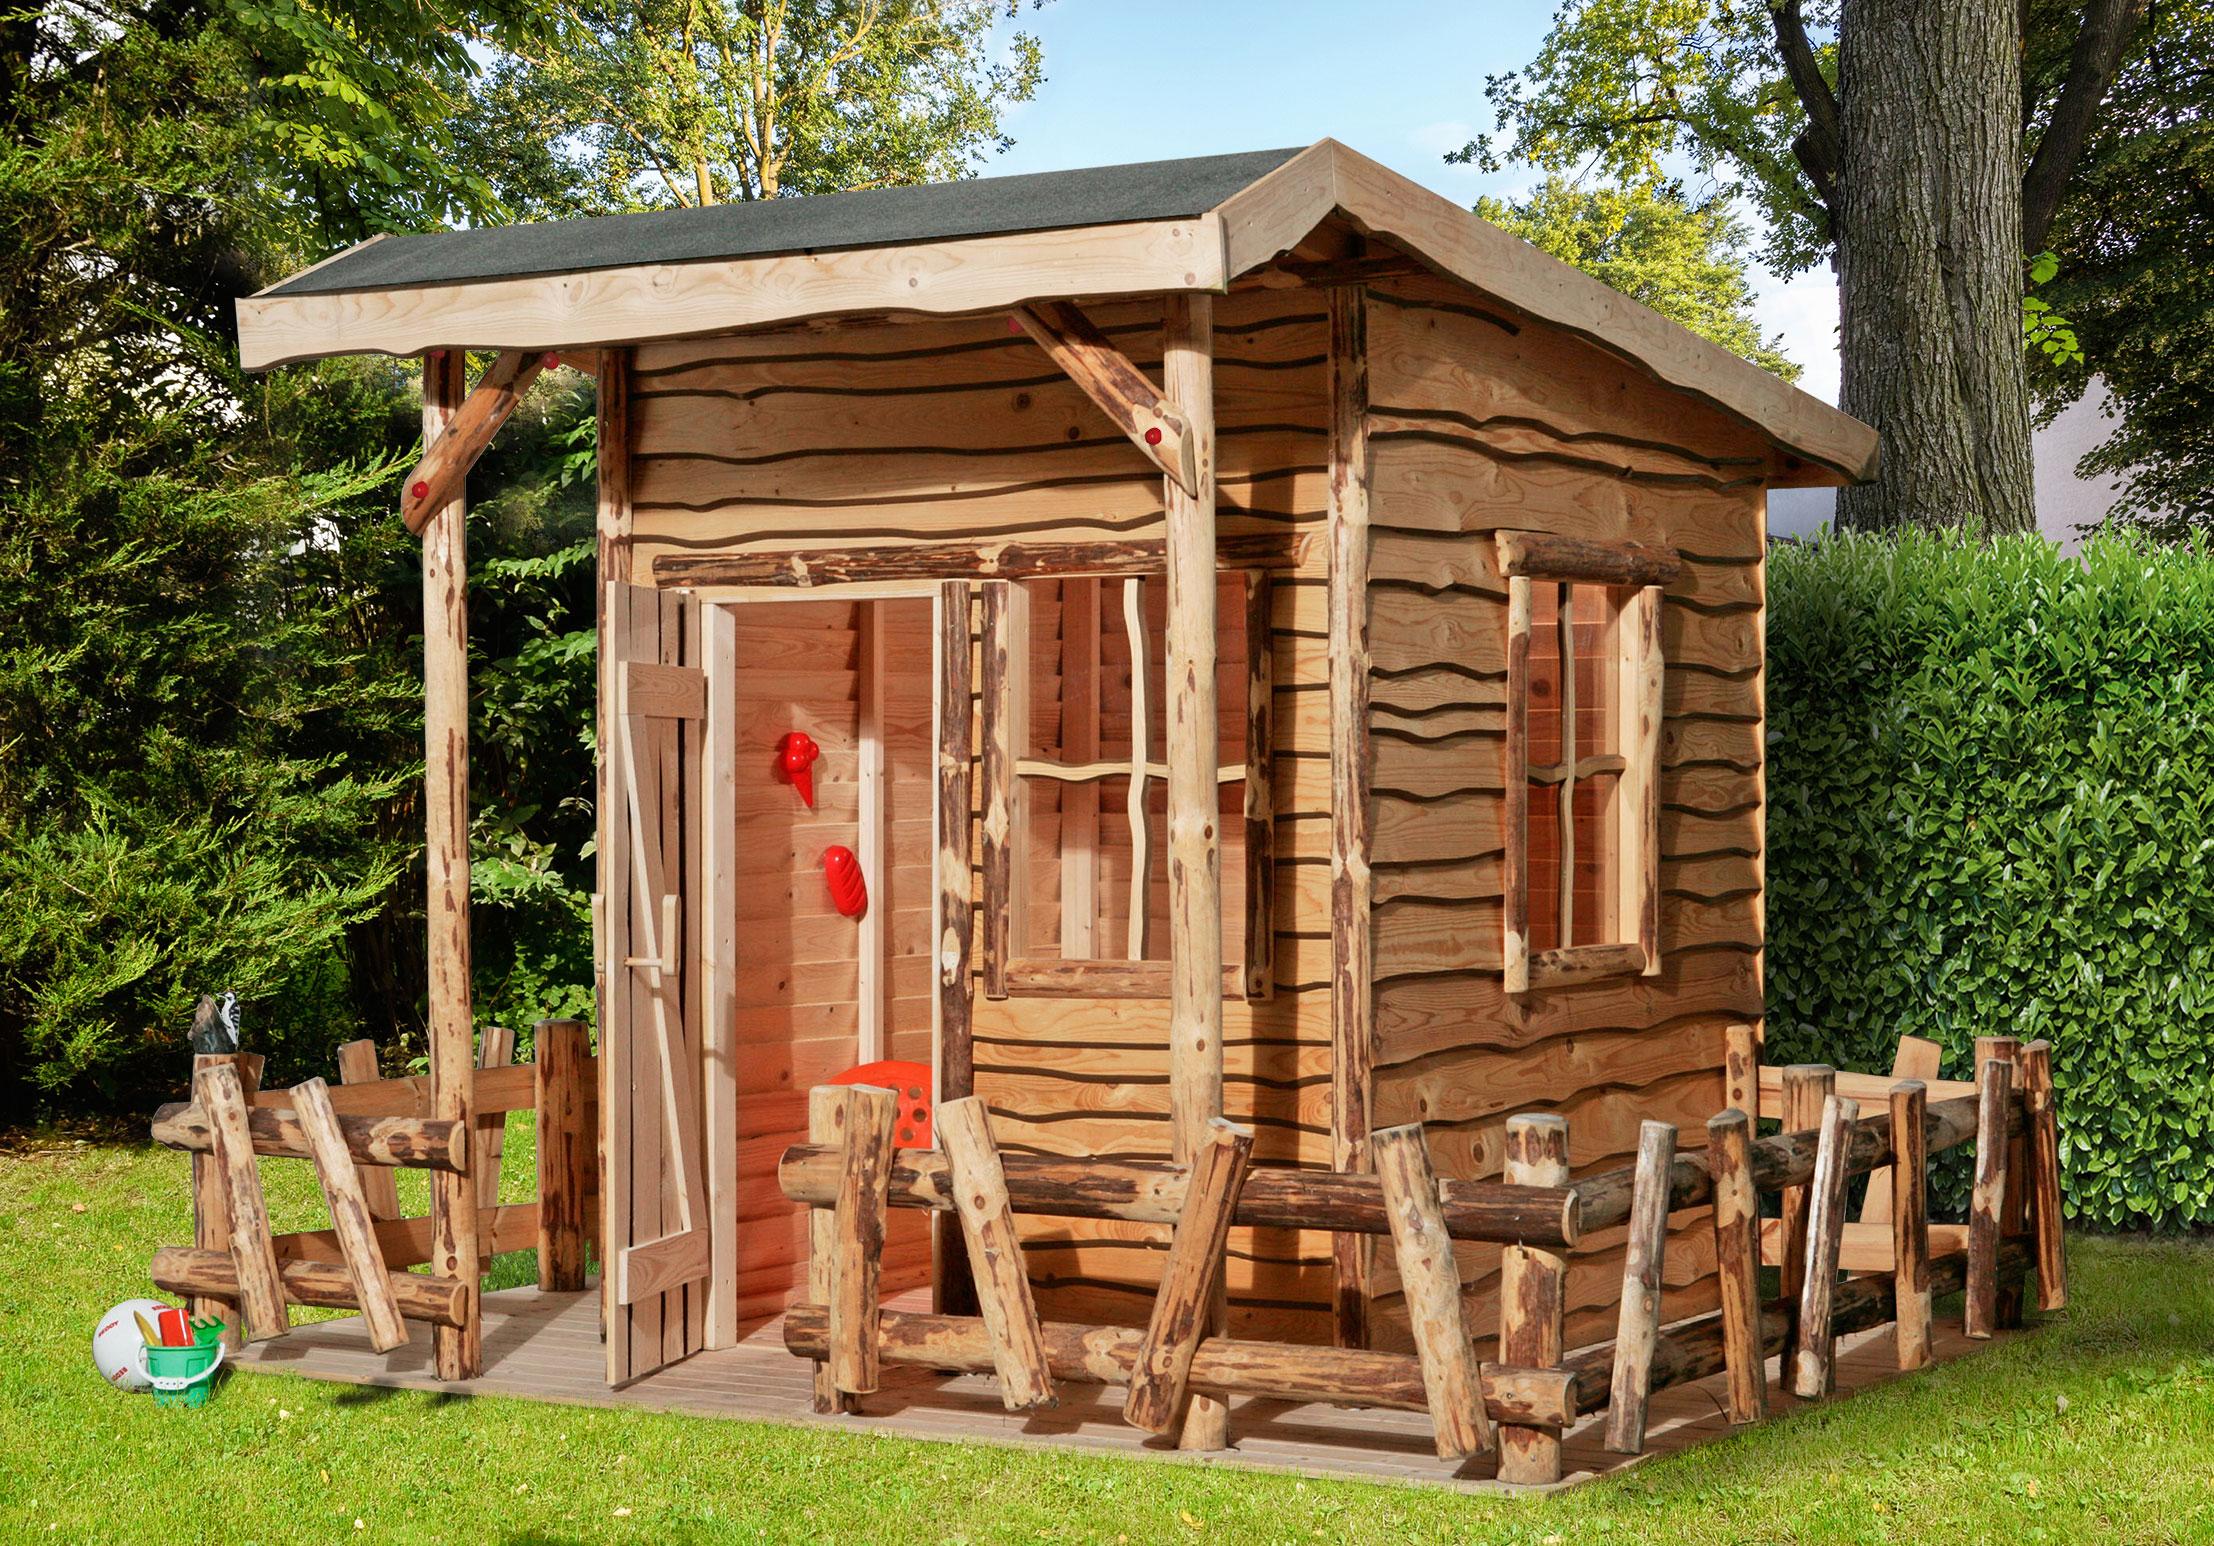 abenteuerspielhaus weka red point mecki mit terrasse 216x275x212cm bei. Black Bedroom Furniture Sets. Home Design Ideas